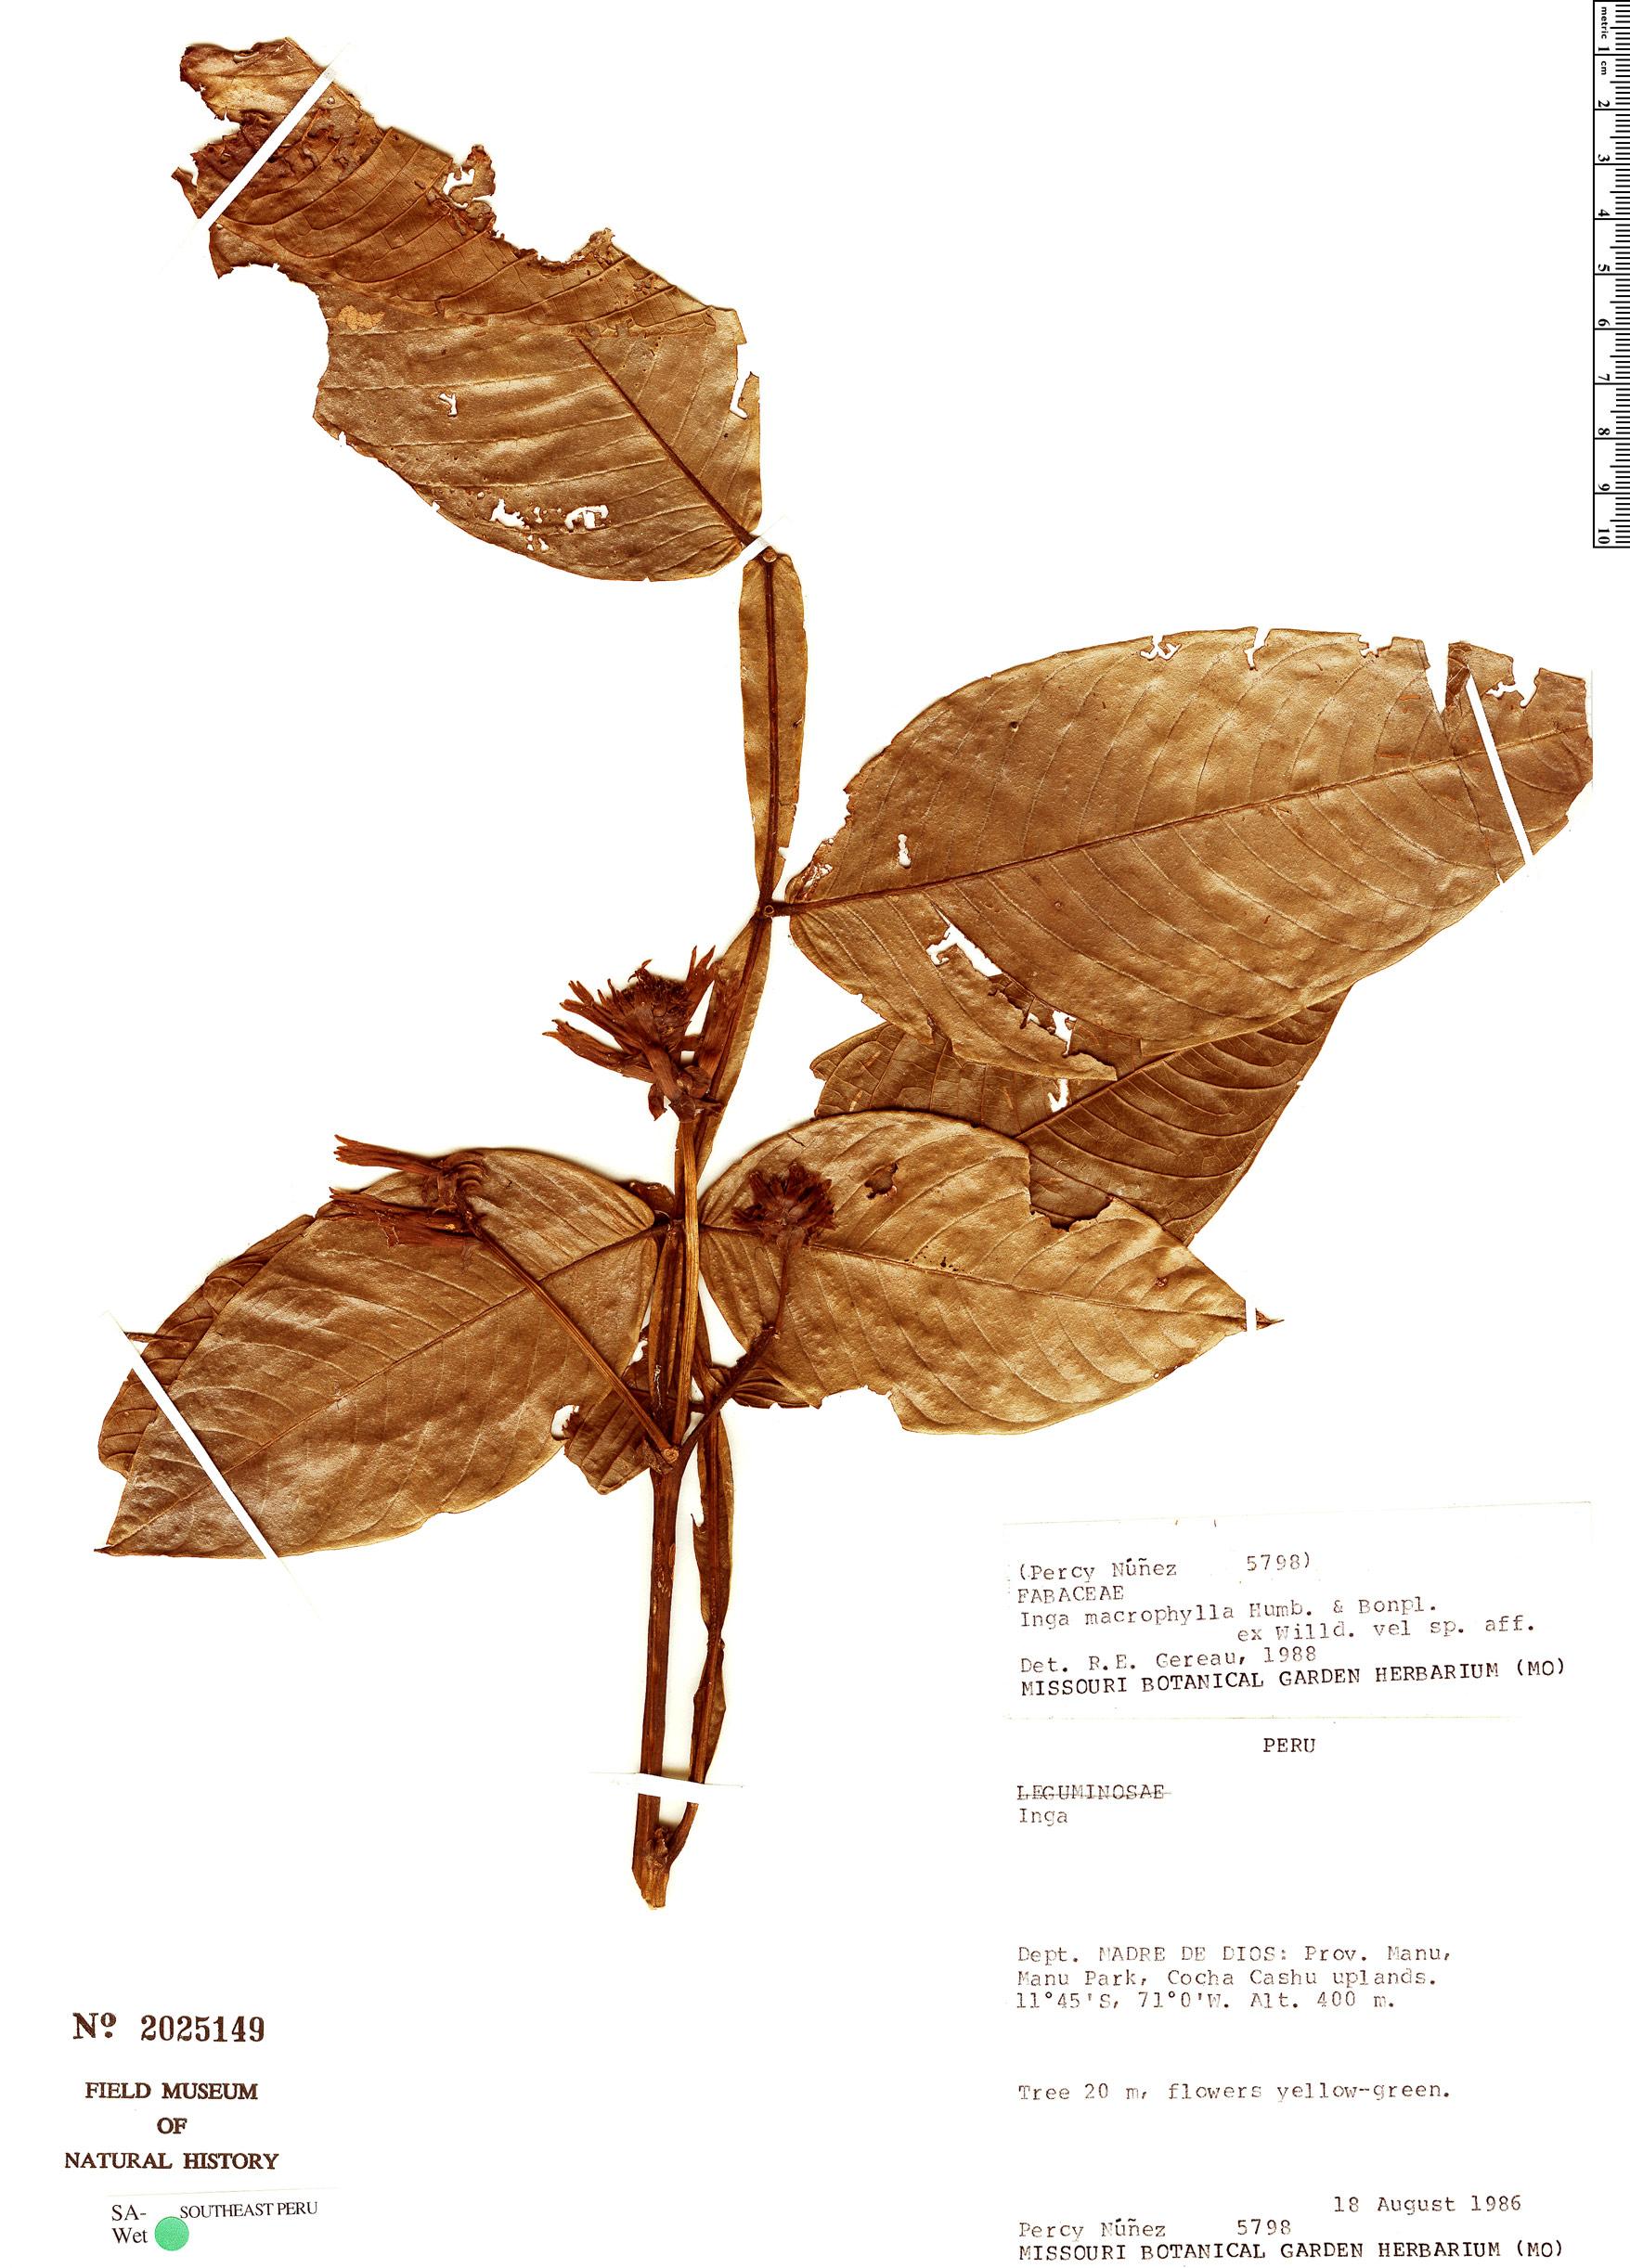 Specimen: Inga macrophylla